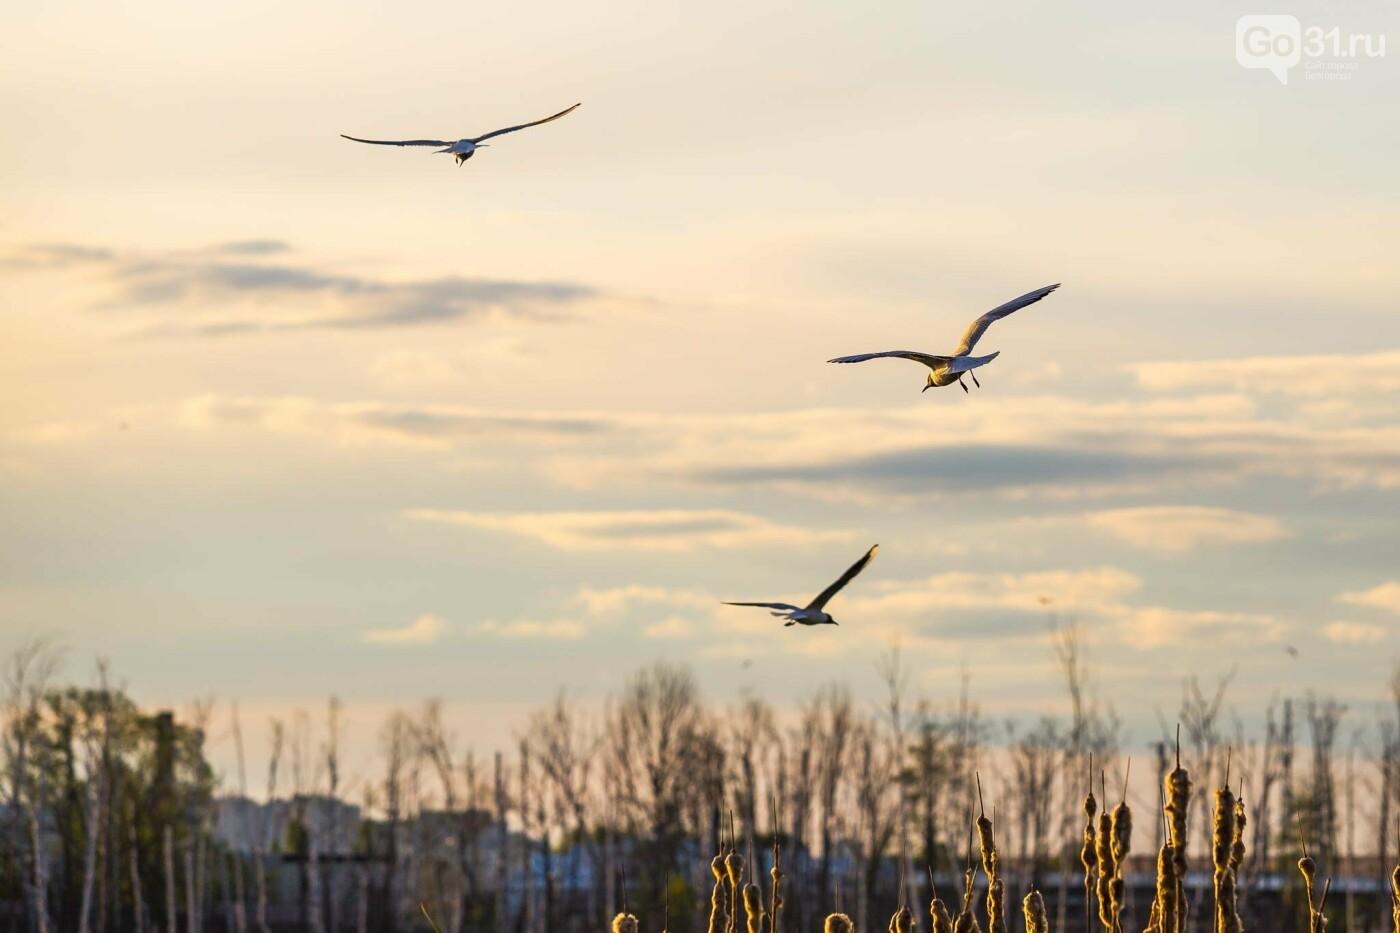 Пролетая над озером. В Белгороде чайки выбрали удобное место обитания, фото-4, Фото: Антон Вергун